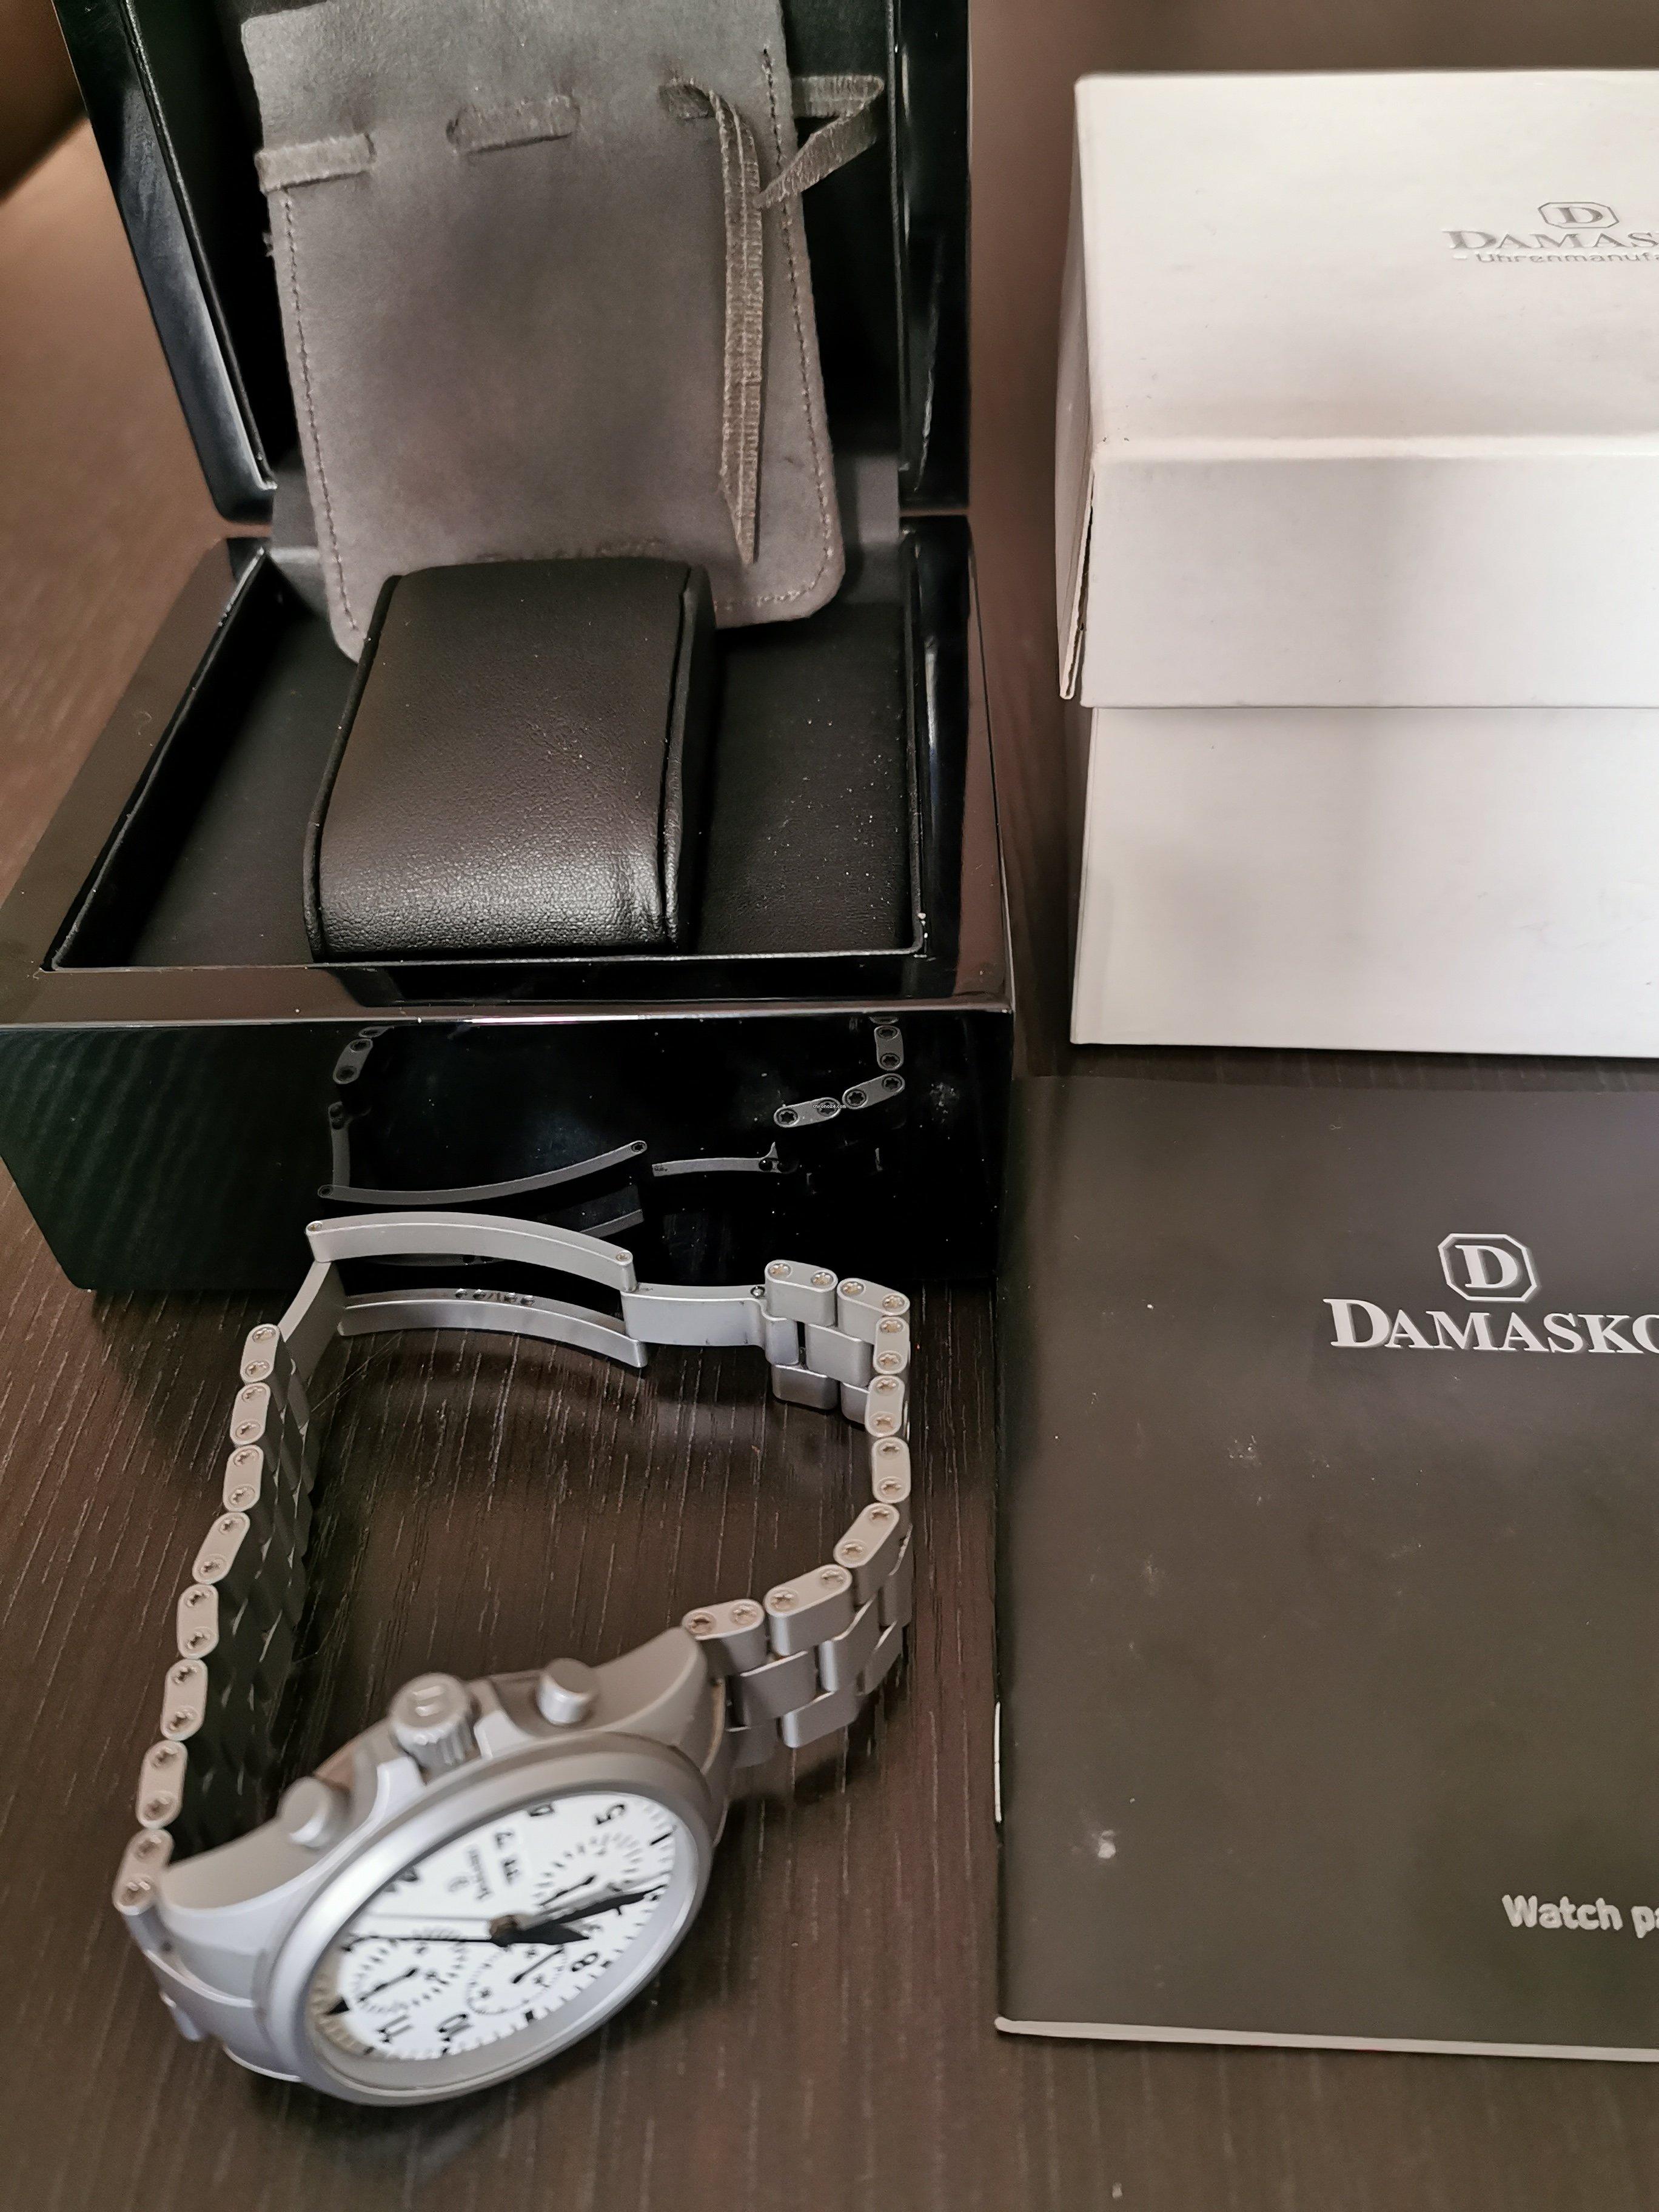 Damasko DC 57 Si à vendre pour 2.125 € par un Vendeur